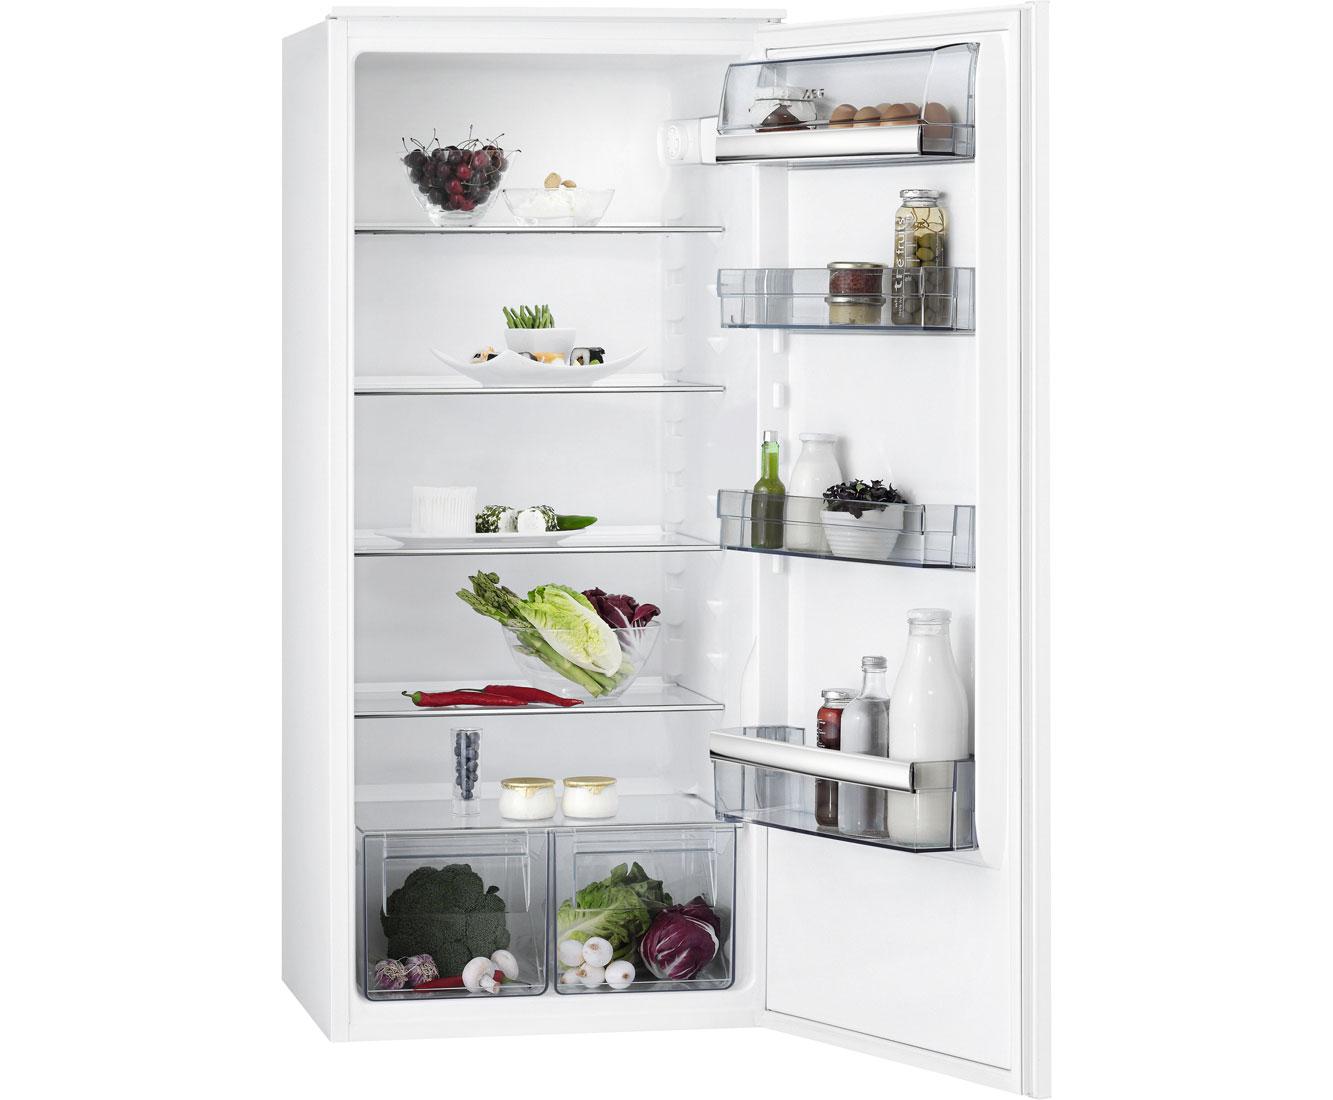 Bomann Kb 167 Kühlbox 50l Mini Kühlschrank A : A liebherr kühlschrank preisvergleich u die besten angebote